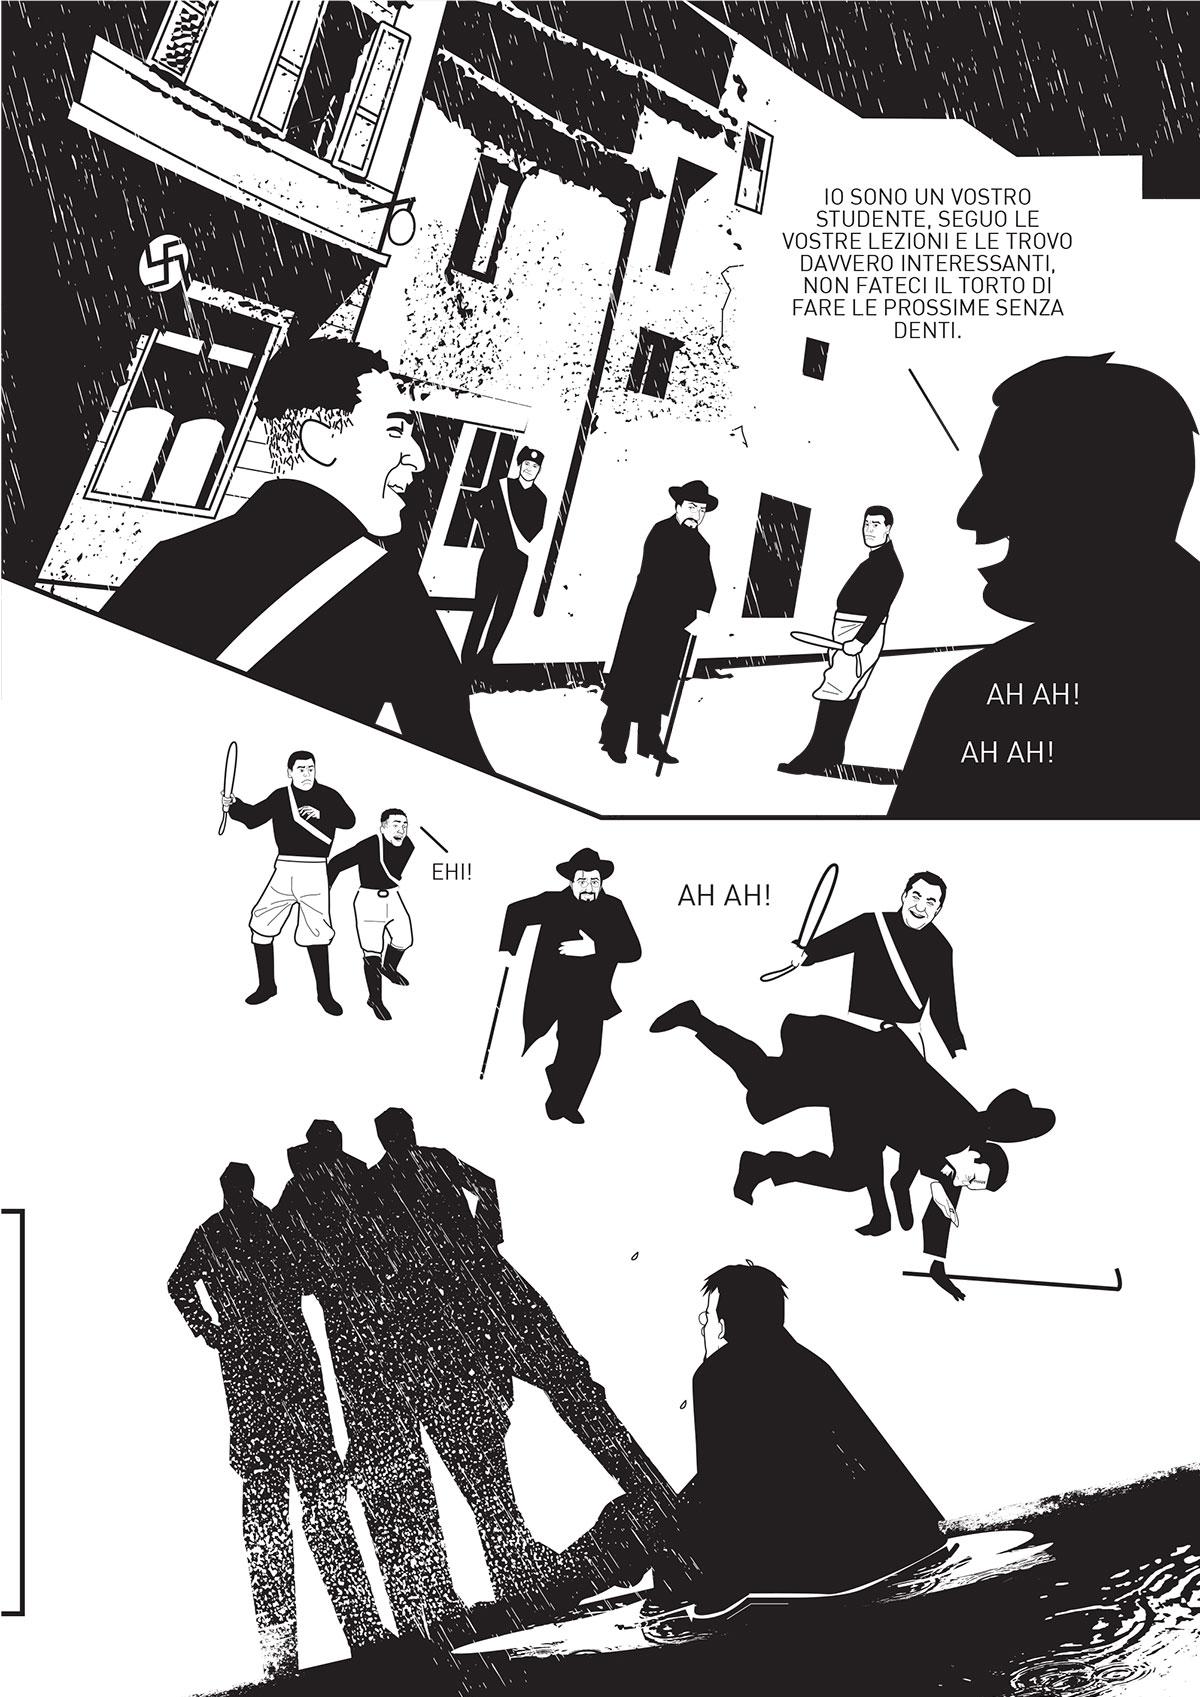 Come vedete le vignette presentano bianchi e neri sparatissimi